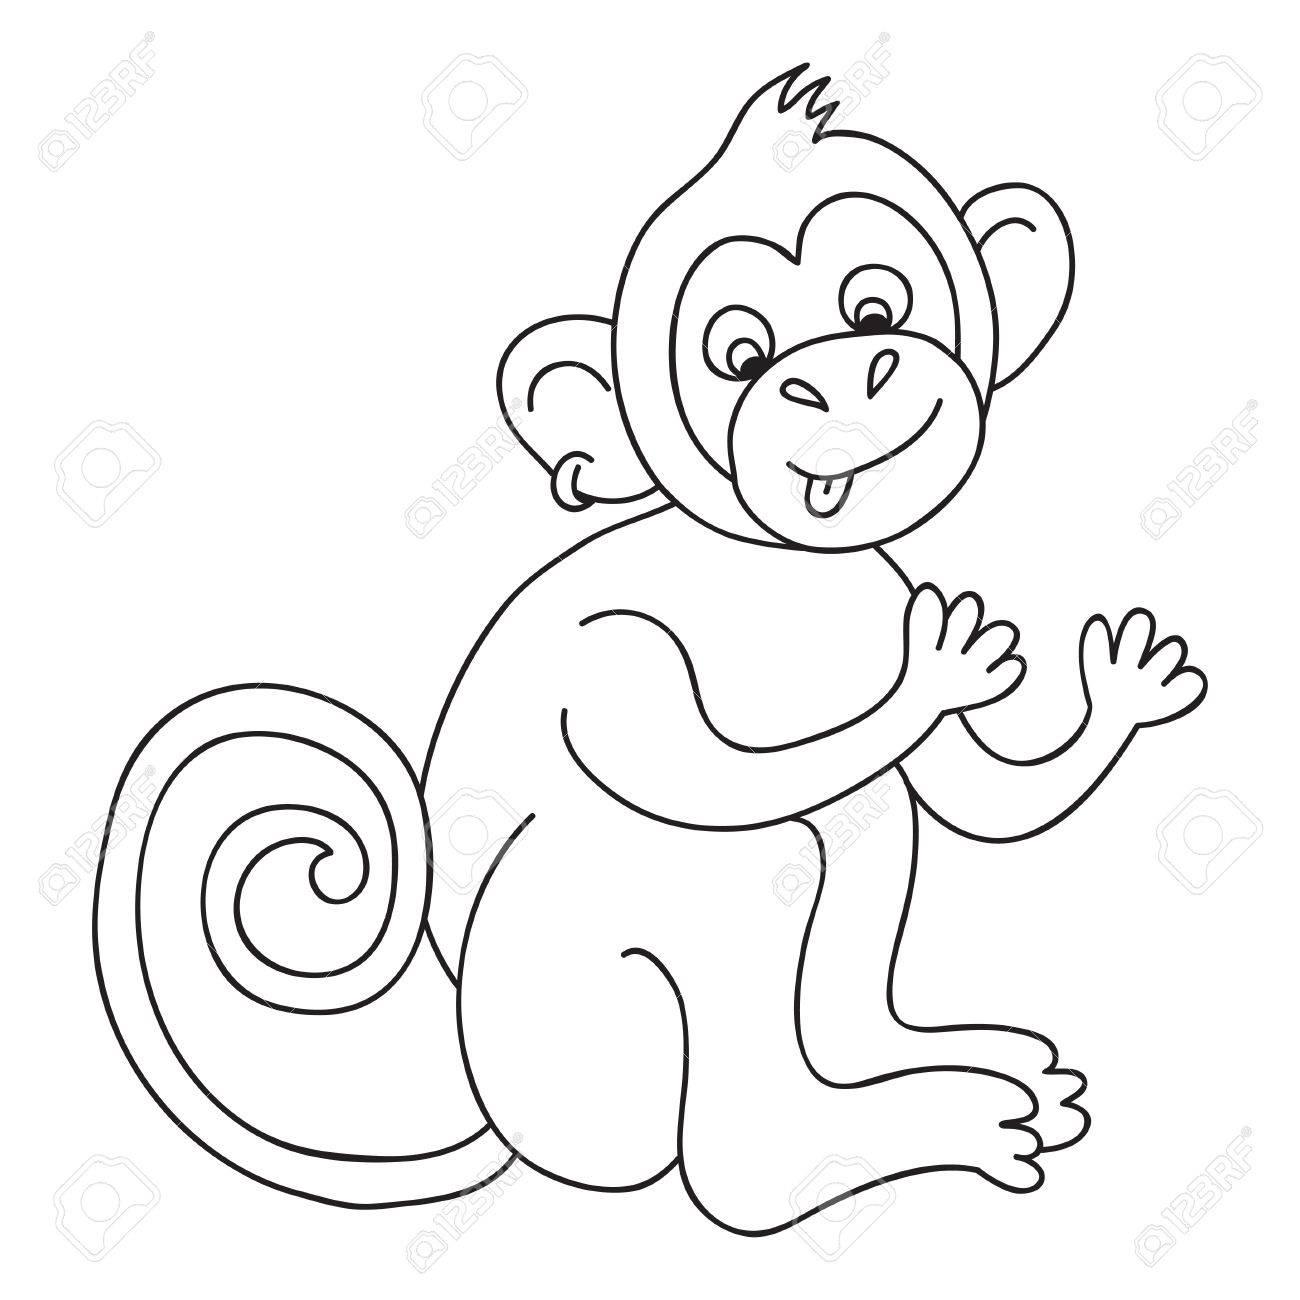 Vector Divertido Mono, Ilustración Para Colorear Página Del Mono ...